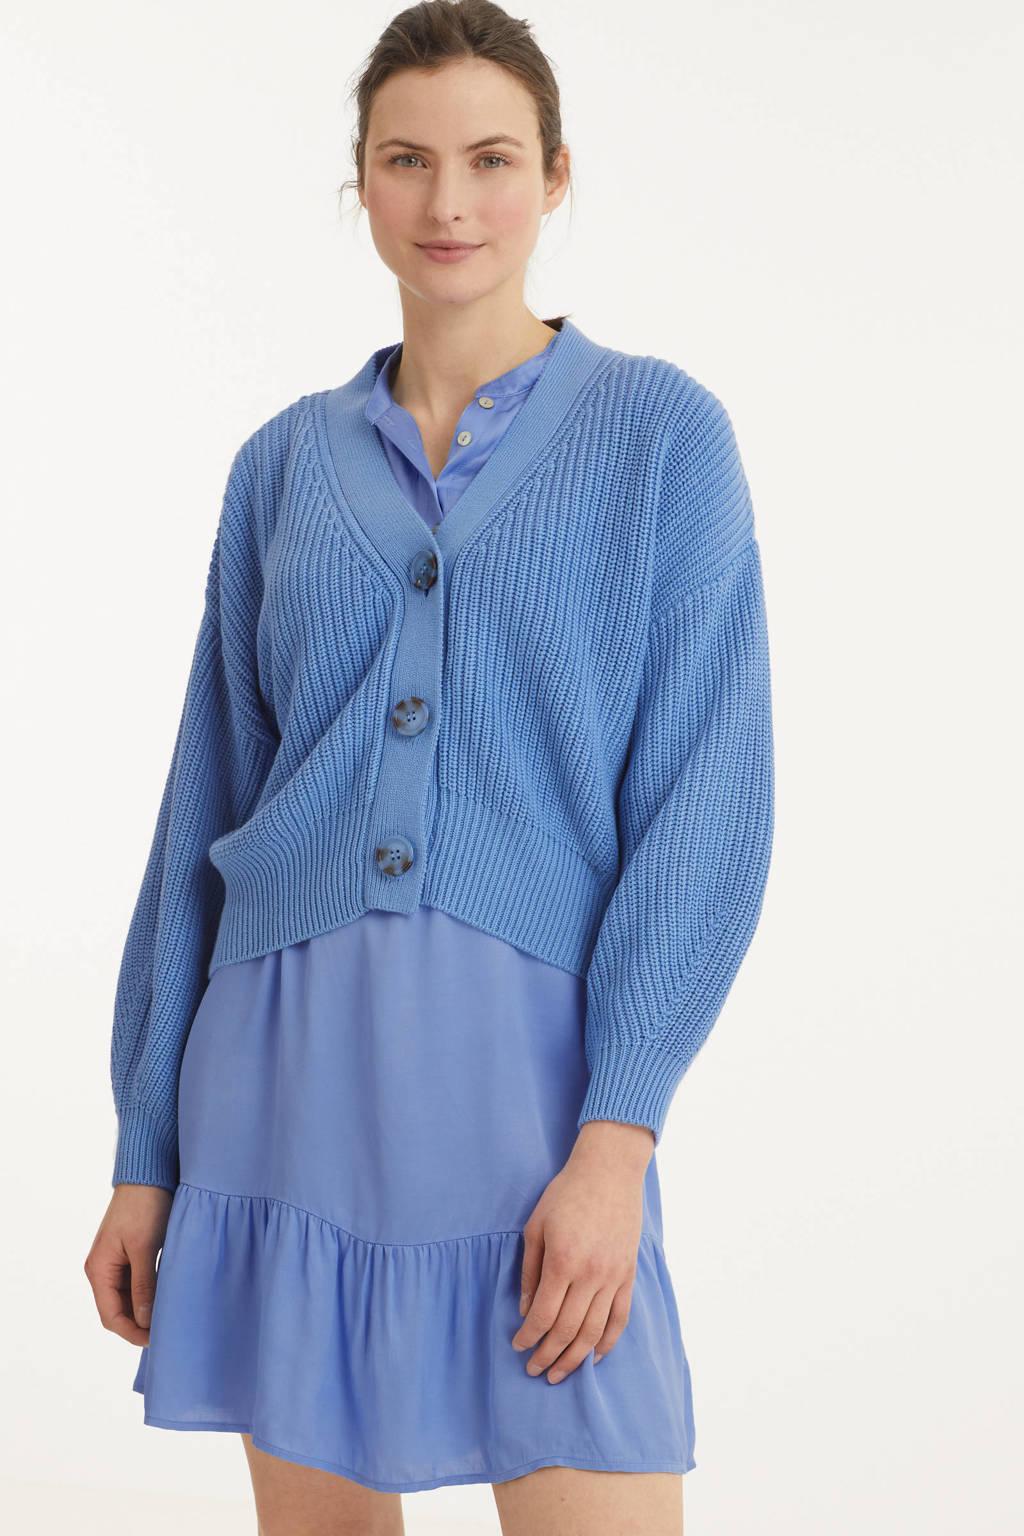 Esqualo gebreid vest blauw, Blauw